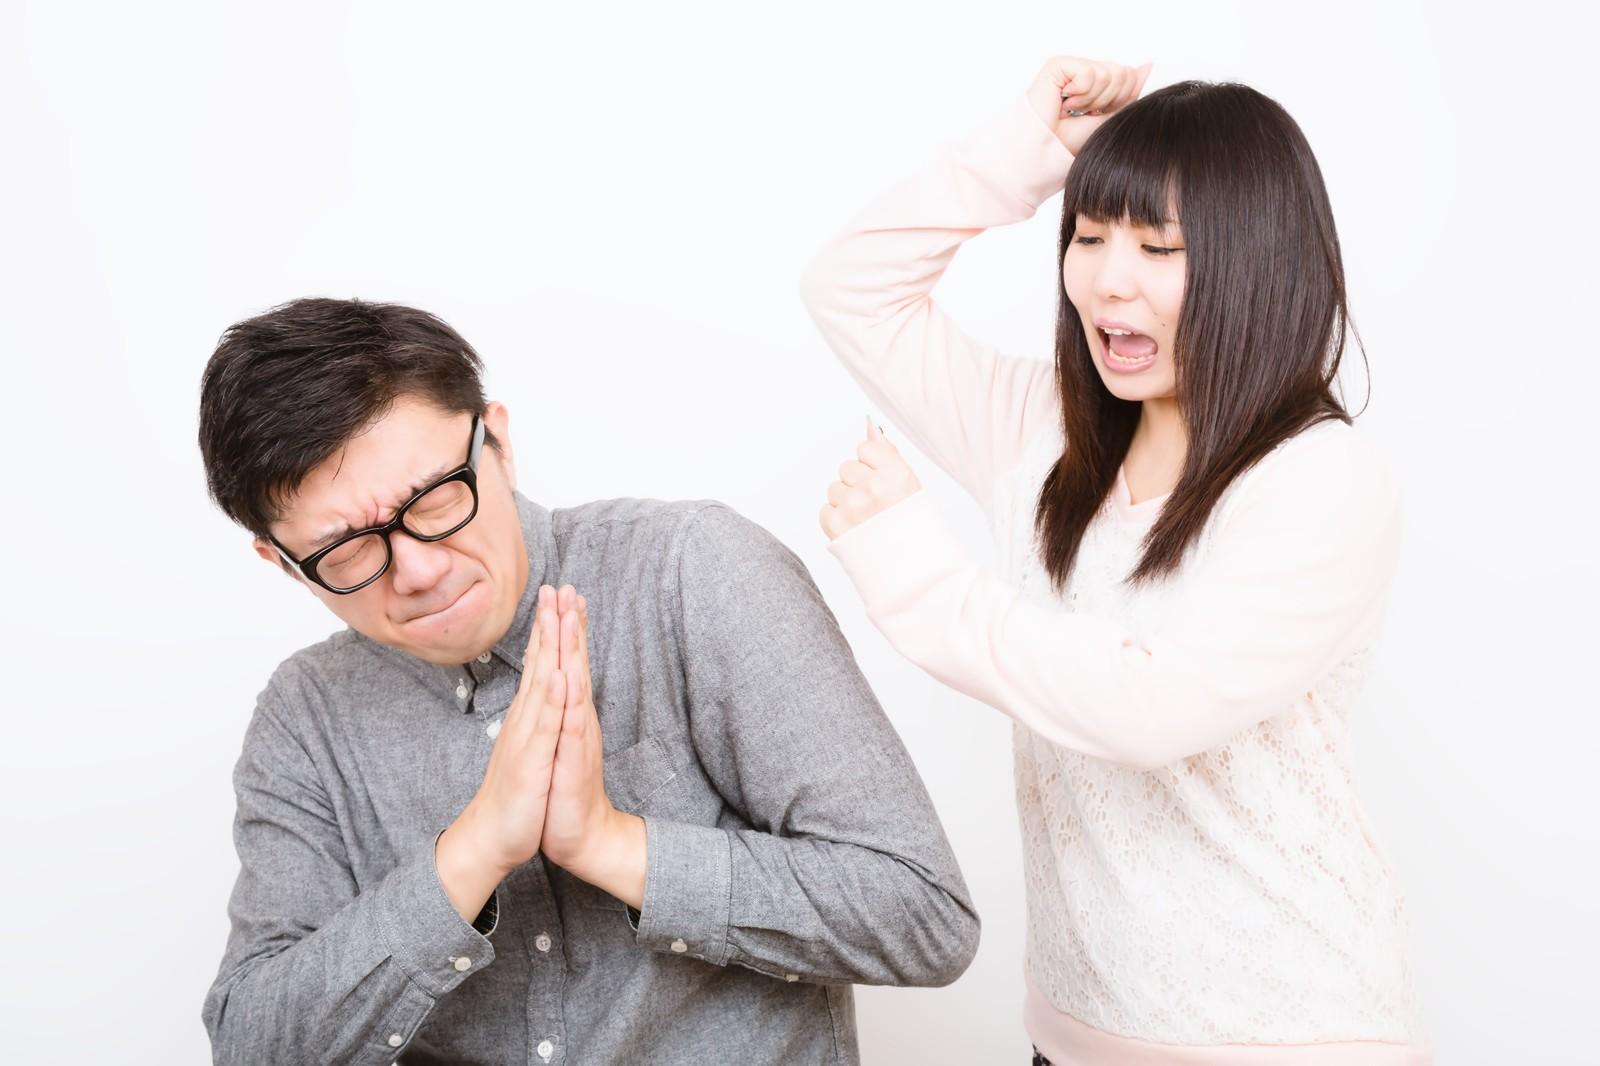 「結婚したら変わってくれると思った」は甘いって話…習慣などが変わりやすい人の特徴は?